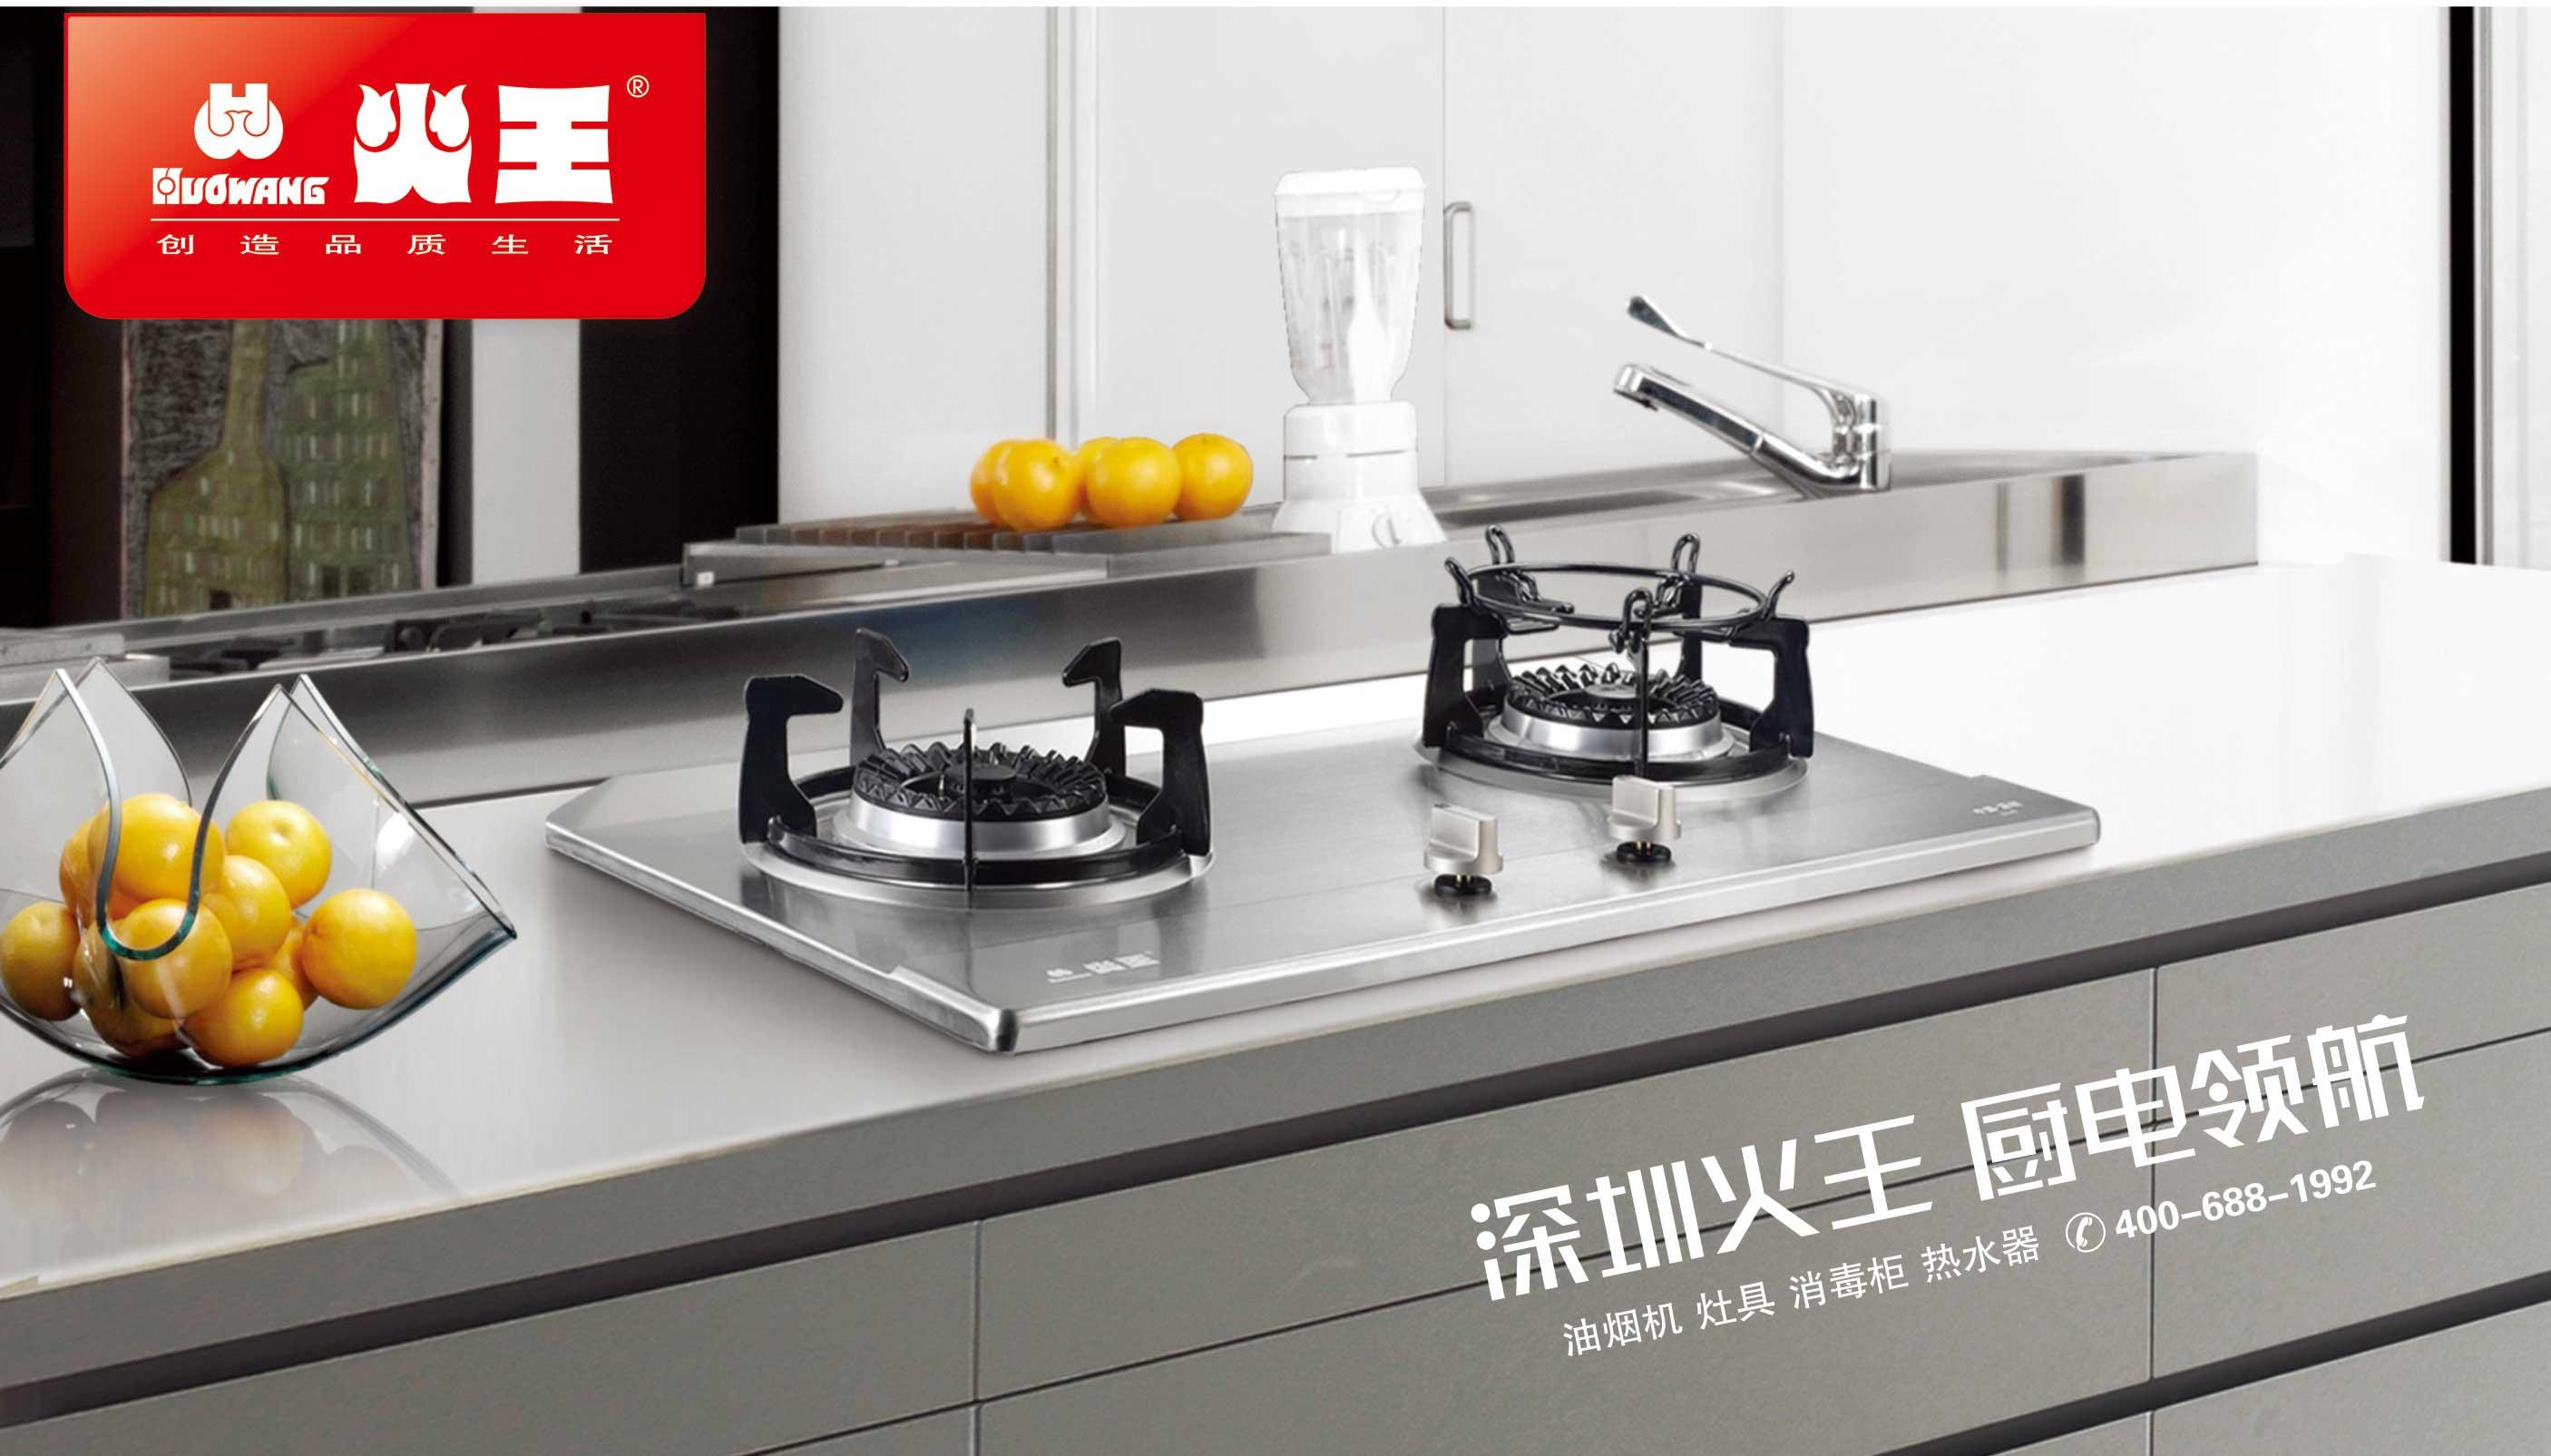 火王厨房电器加盟